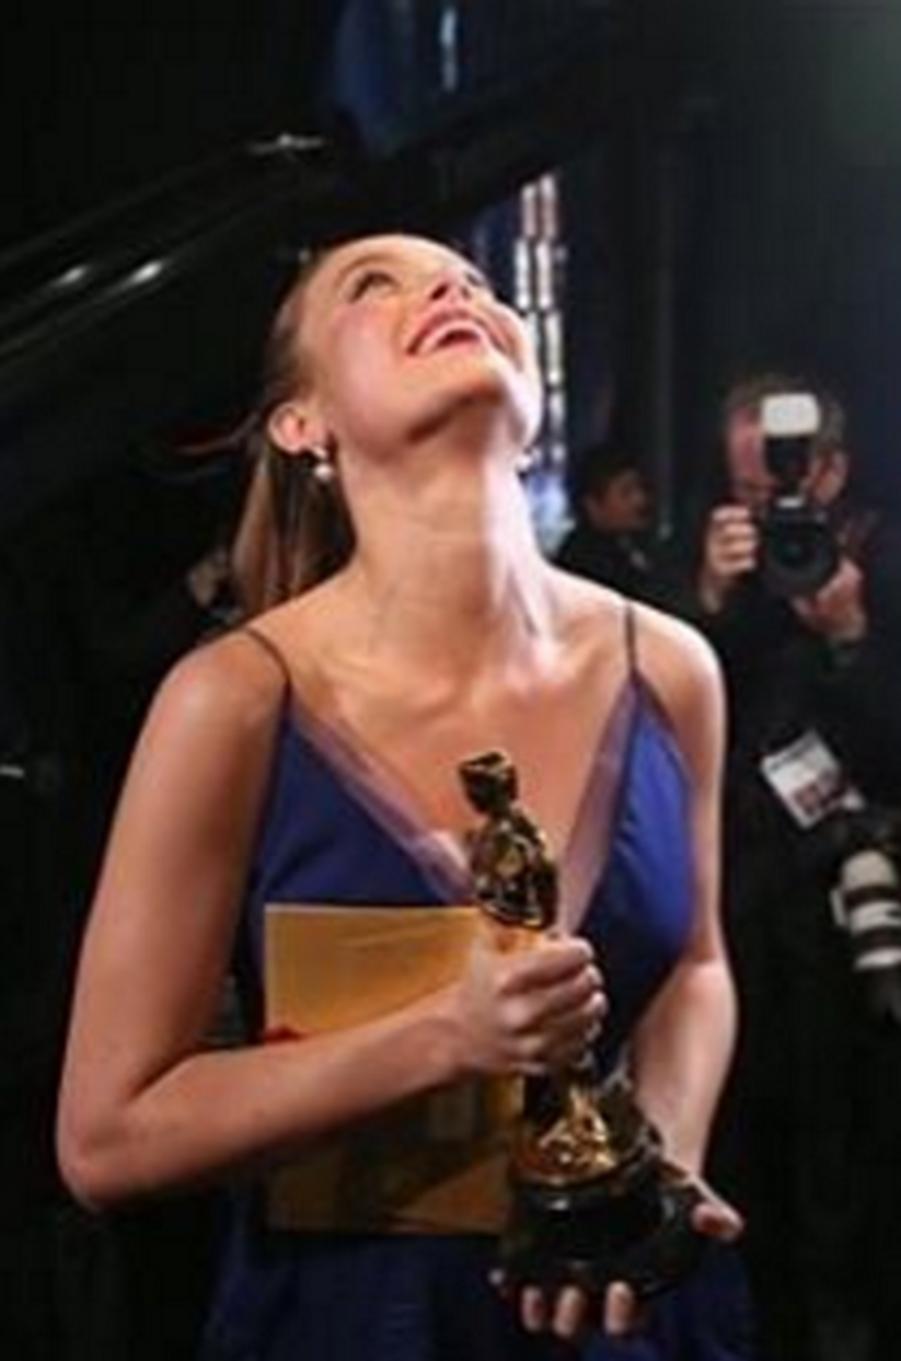 Brie Larson aux anges après sa victoire à l'Oscar de la Meilleure actrice